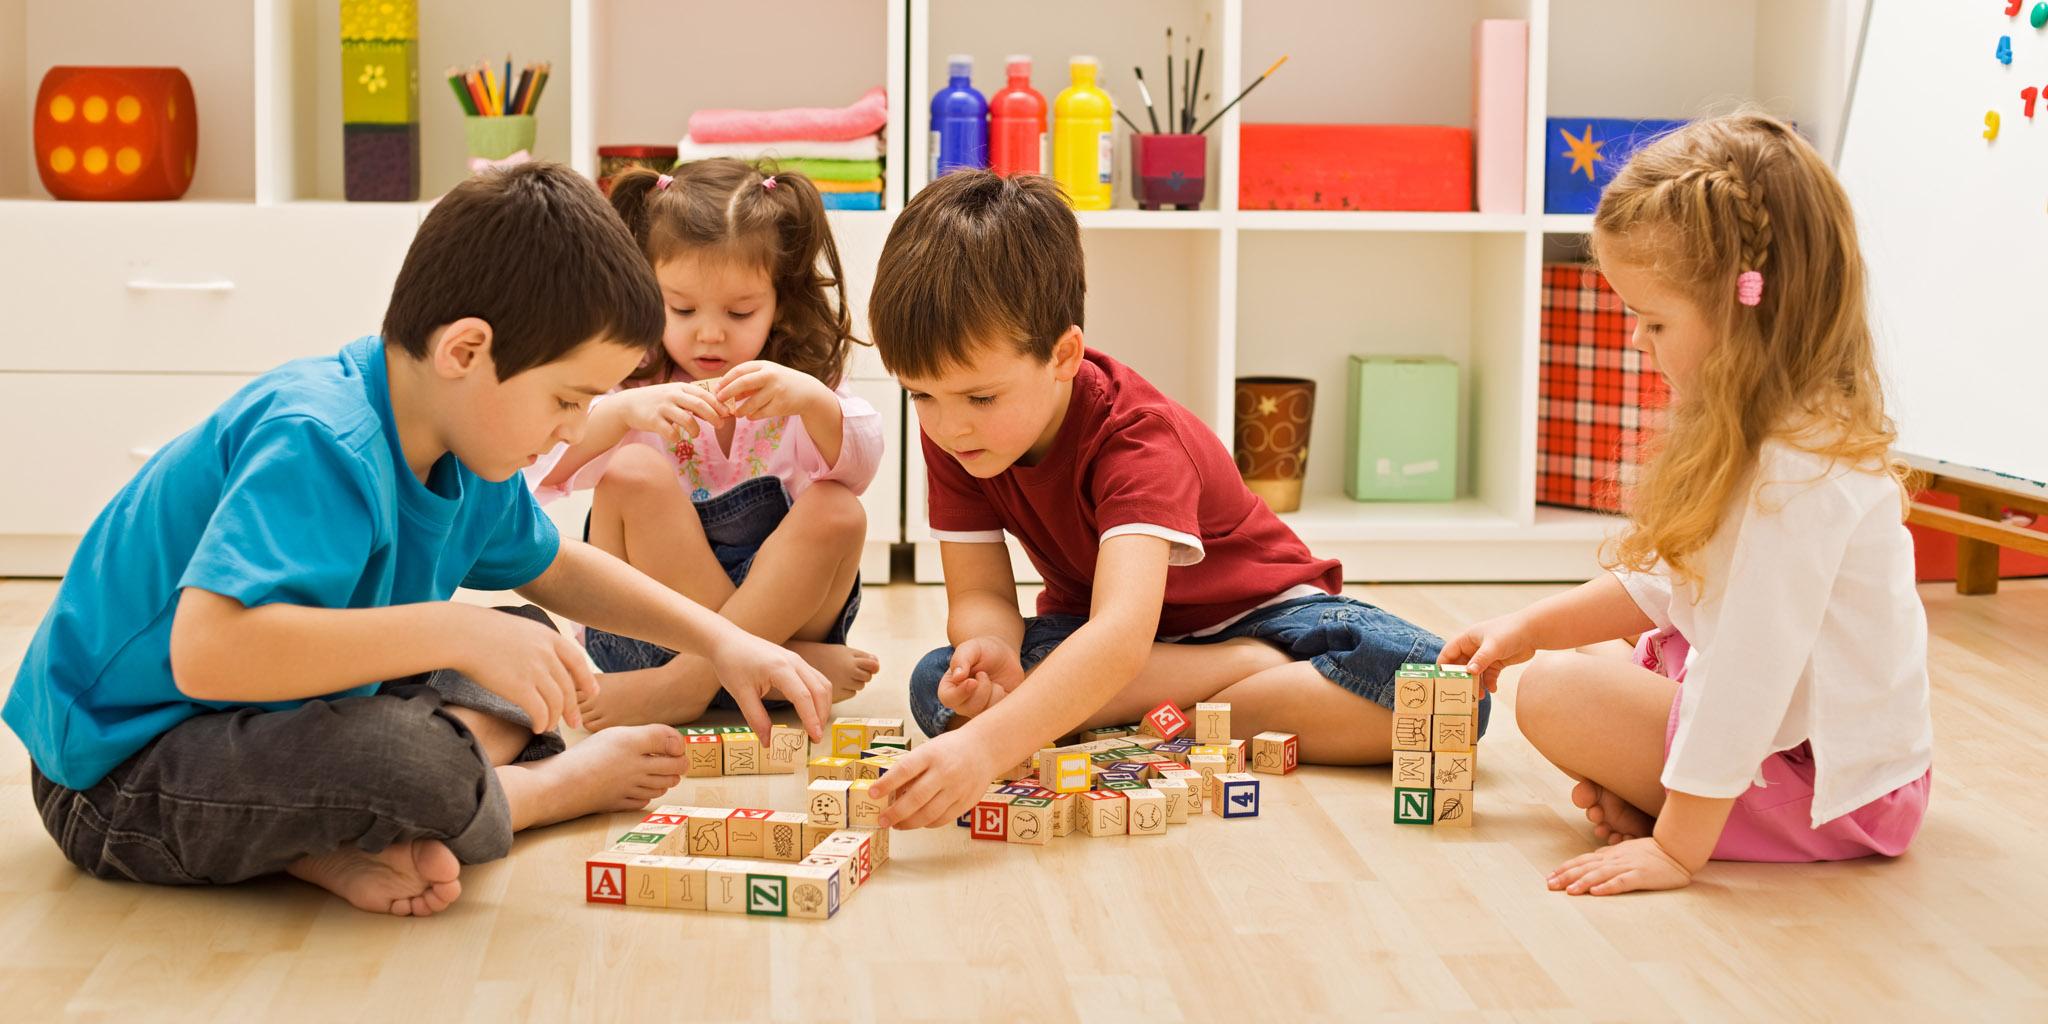 Lastenhoitaja, nanny tai perhepäivähoitaja - mikä on teidän perheelle sopivin hoitomuoto?